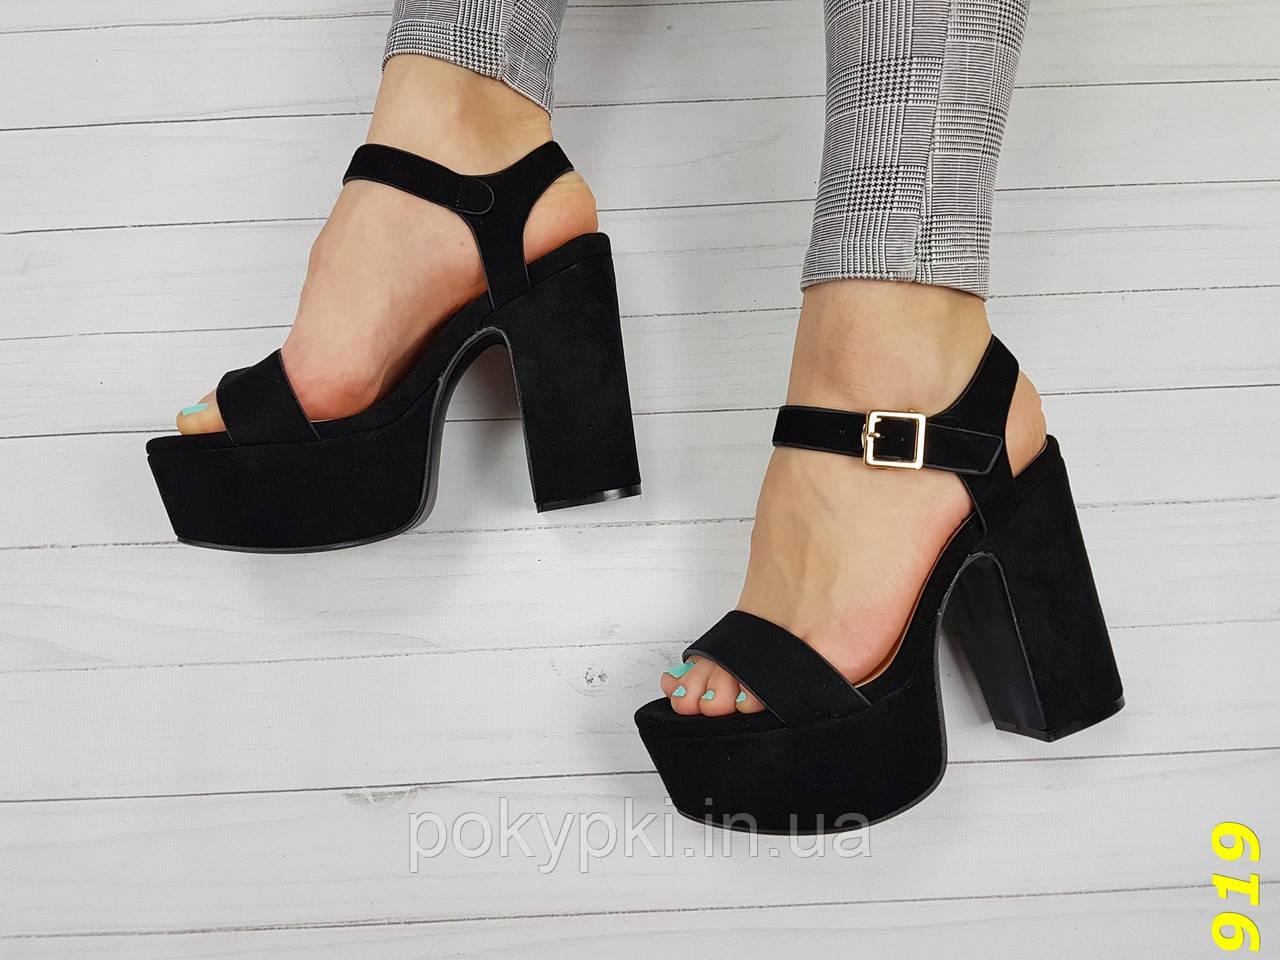 313dec4aa Стильные женские босоножки из экозамши на платформе и толстом высоком  каблуке черные -